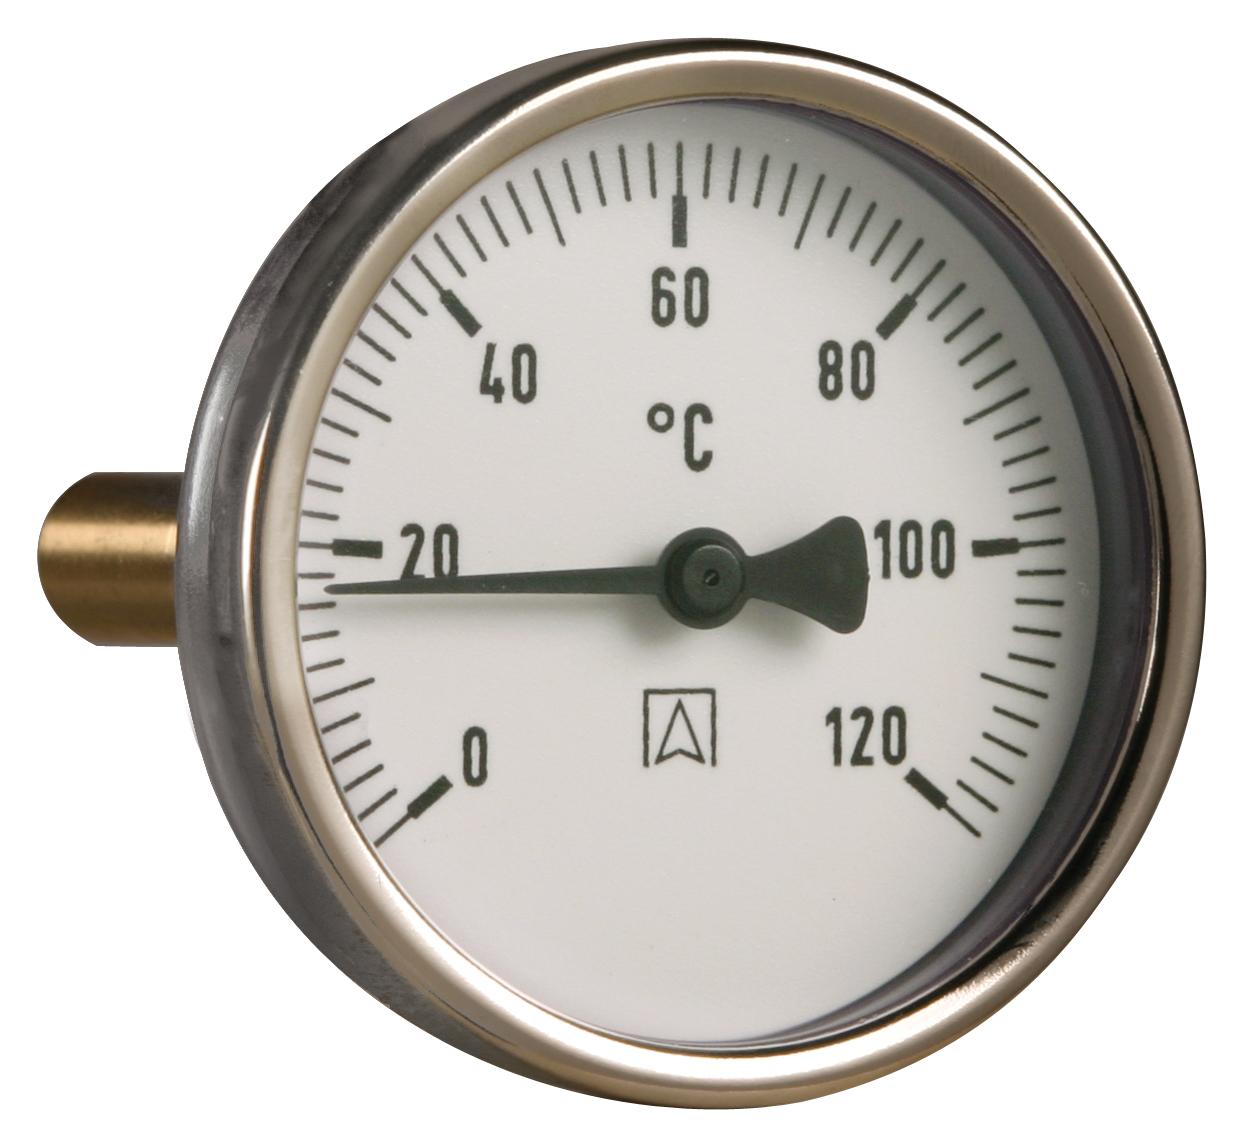 Termometr bimetaliczny BiTh 63,fi63 mm, 0÷160°C, L 40 mm, G1/2'' ax, kl. 2